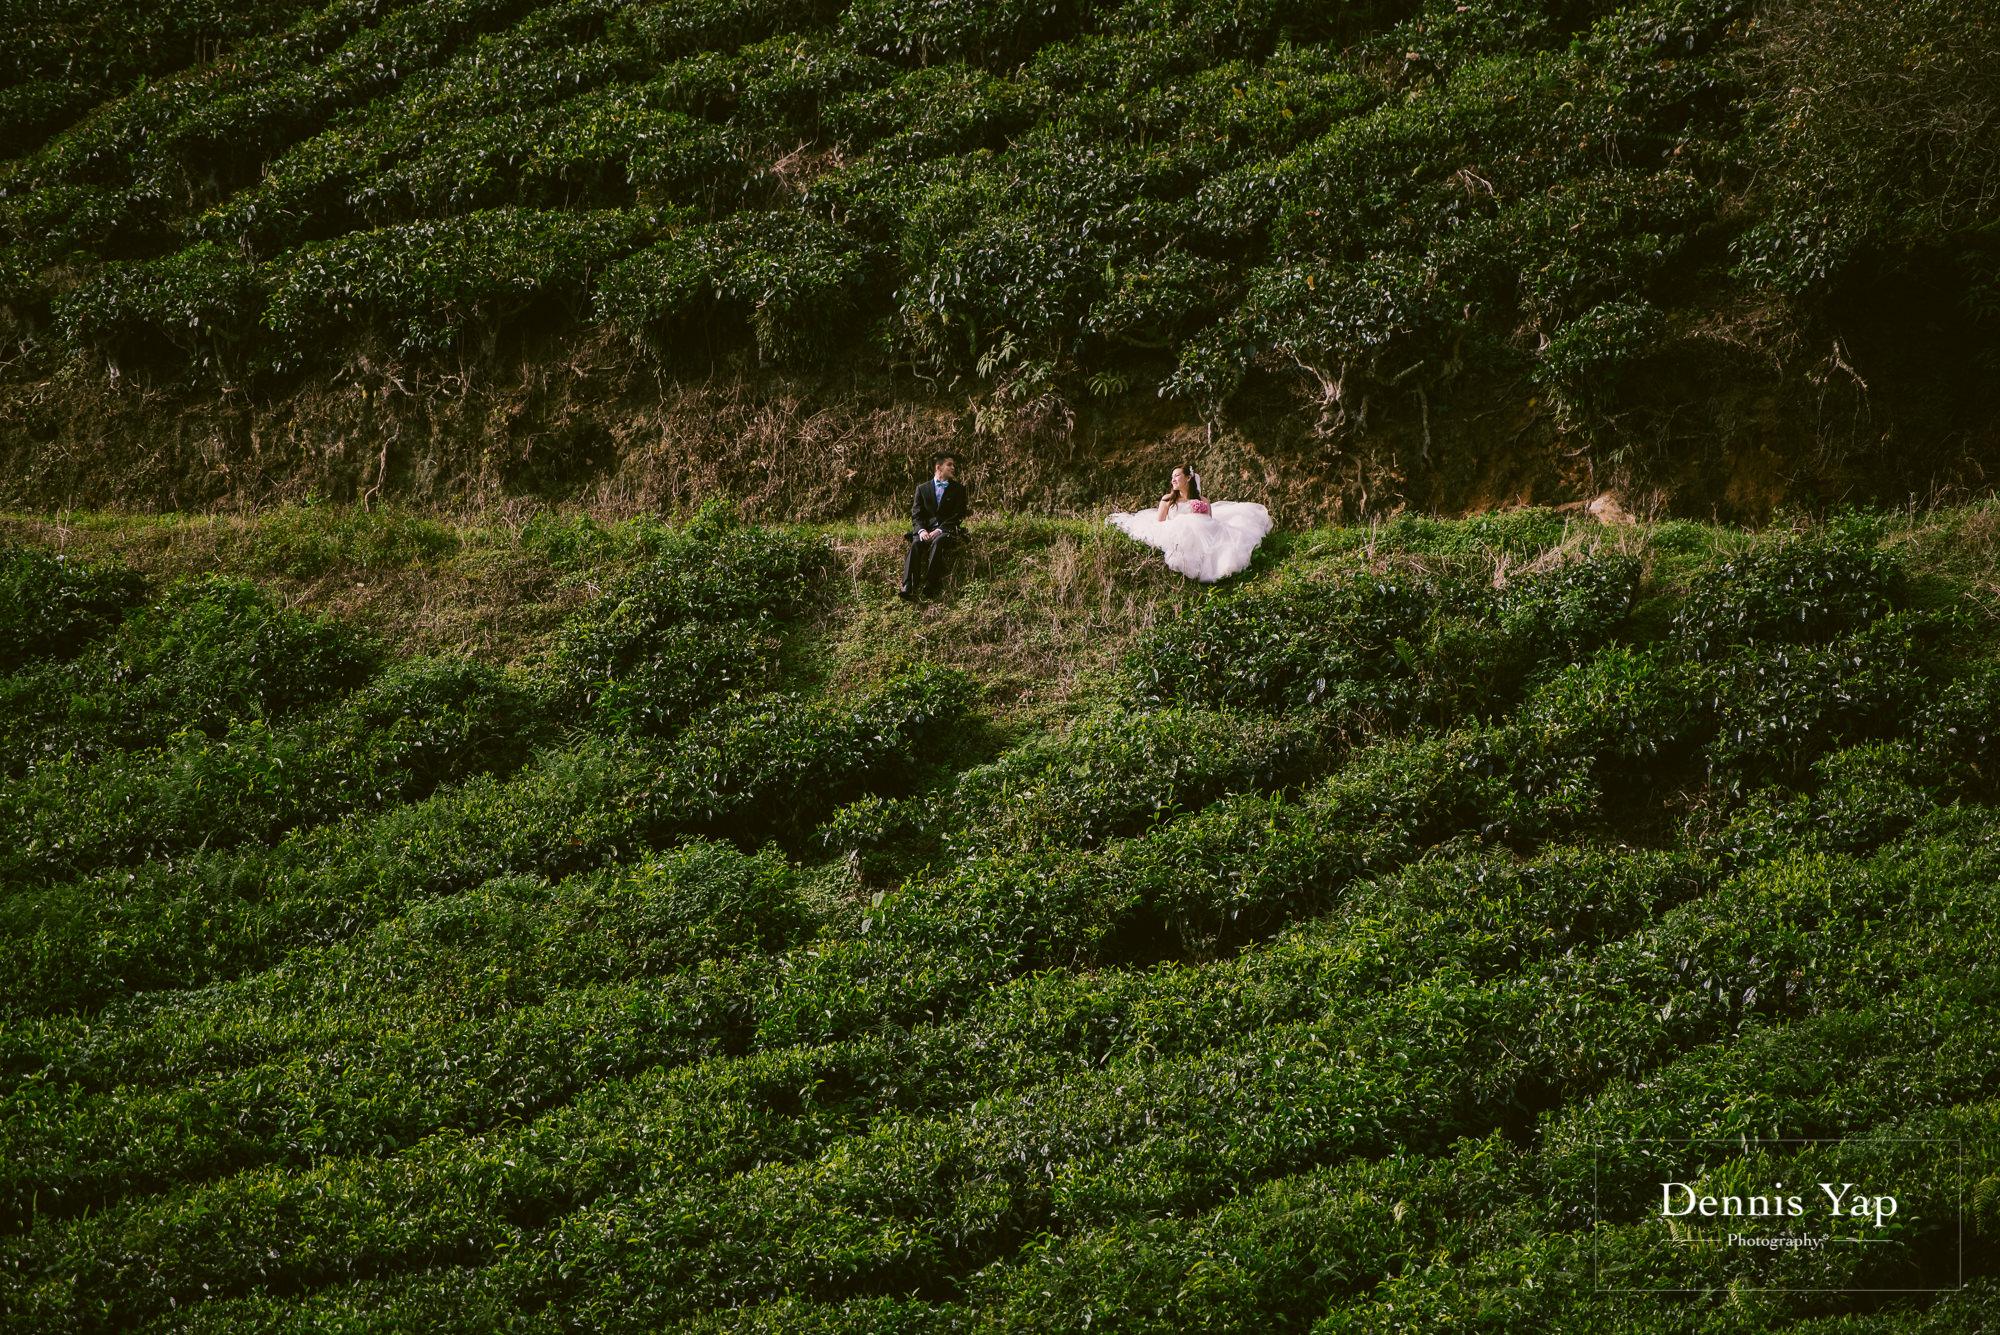 chay xiang alicia pre wedding cameron highland smoke house tea plantation dennis yap photography-8.jpg